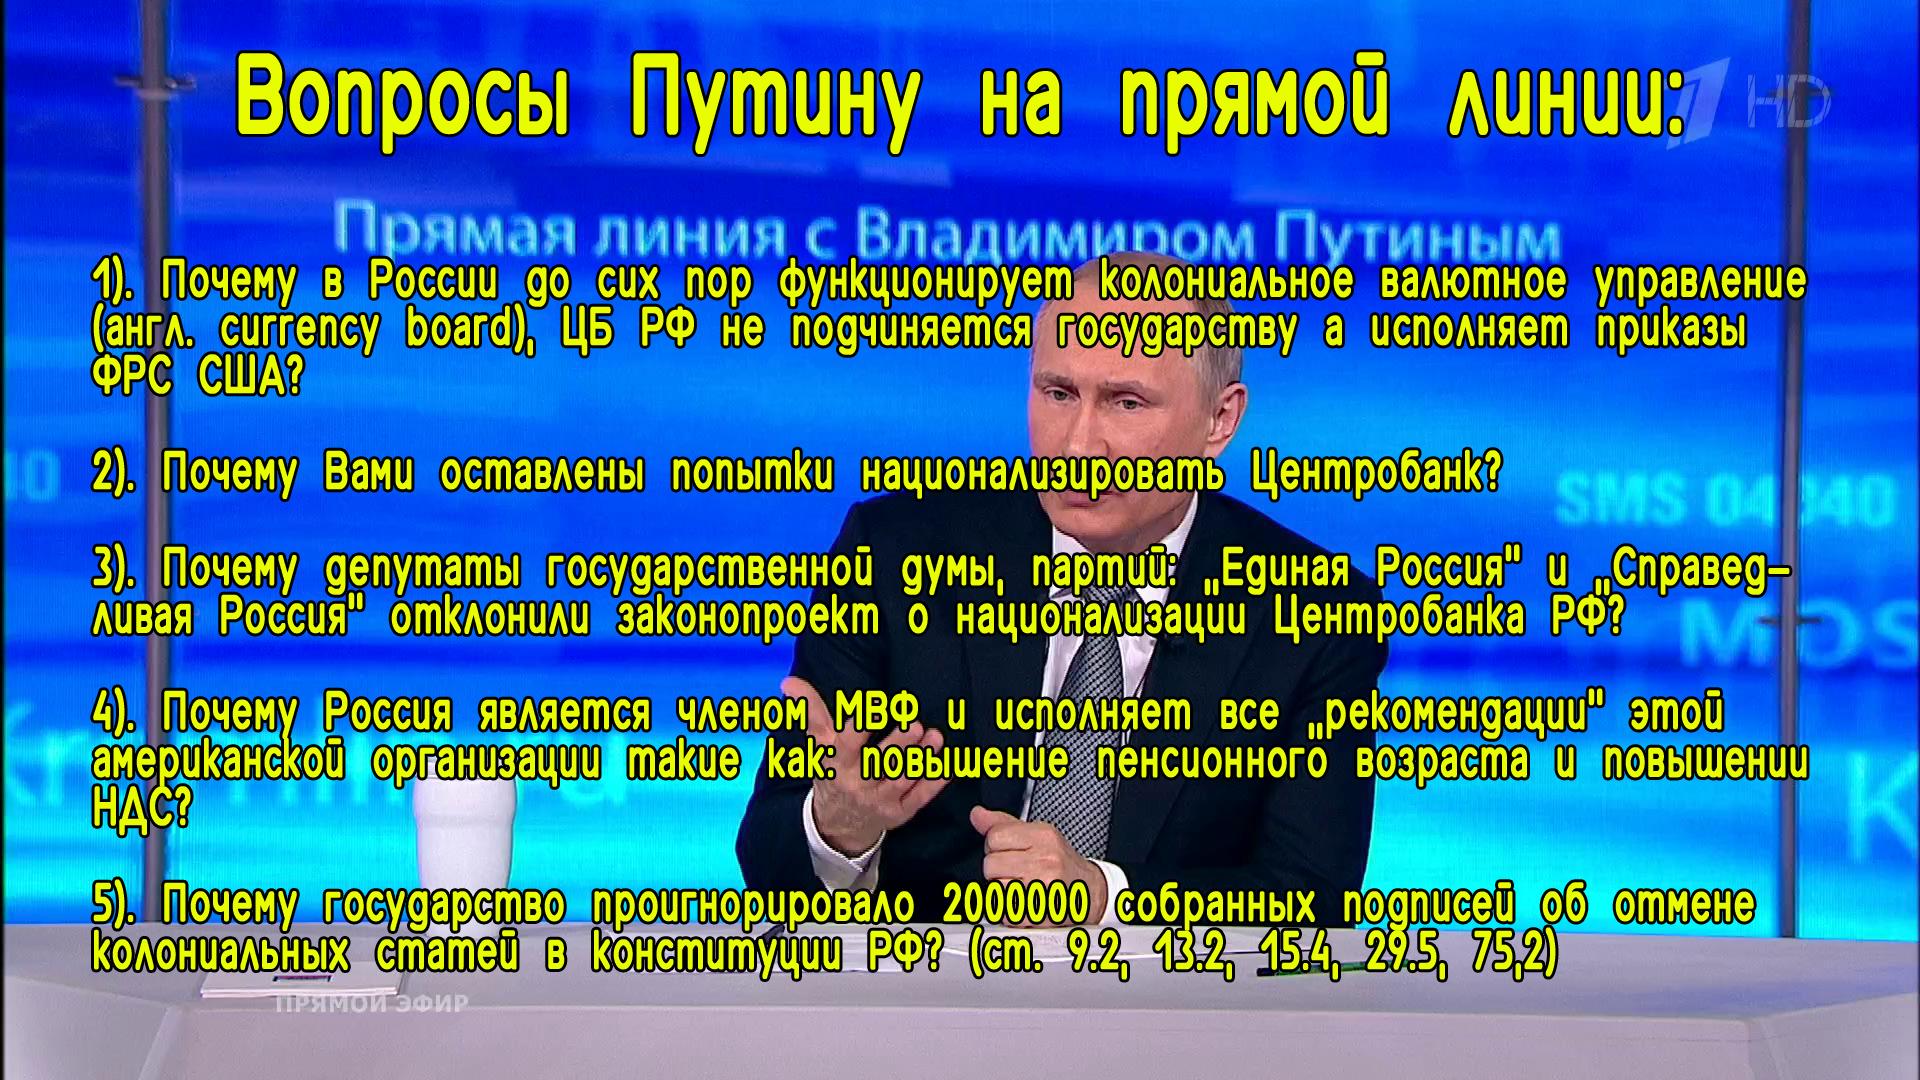 Вопросы Путину на прямой линии